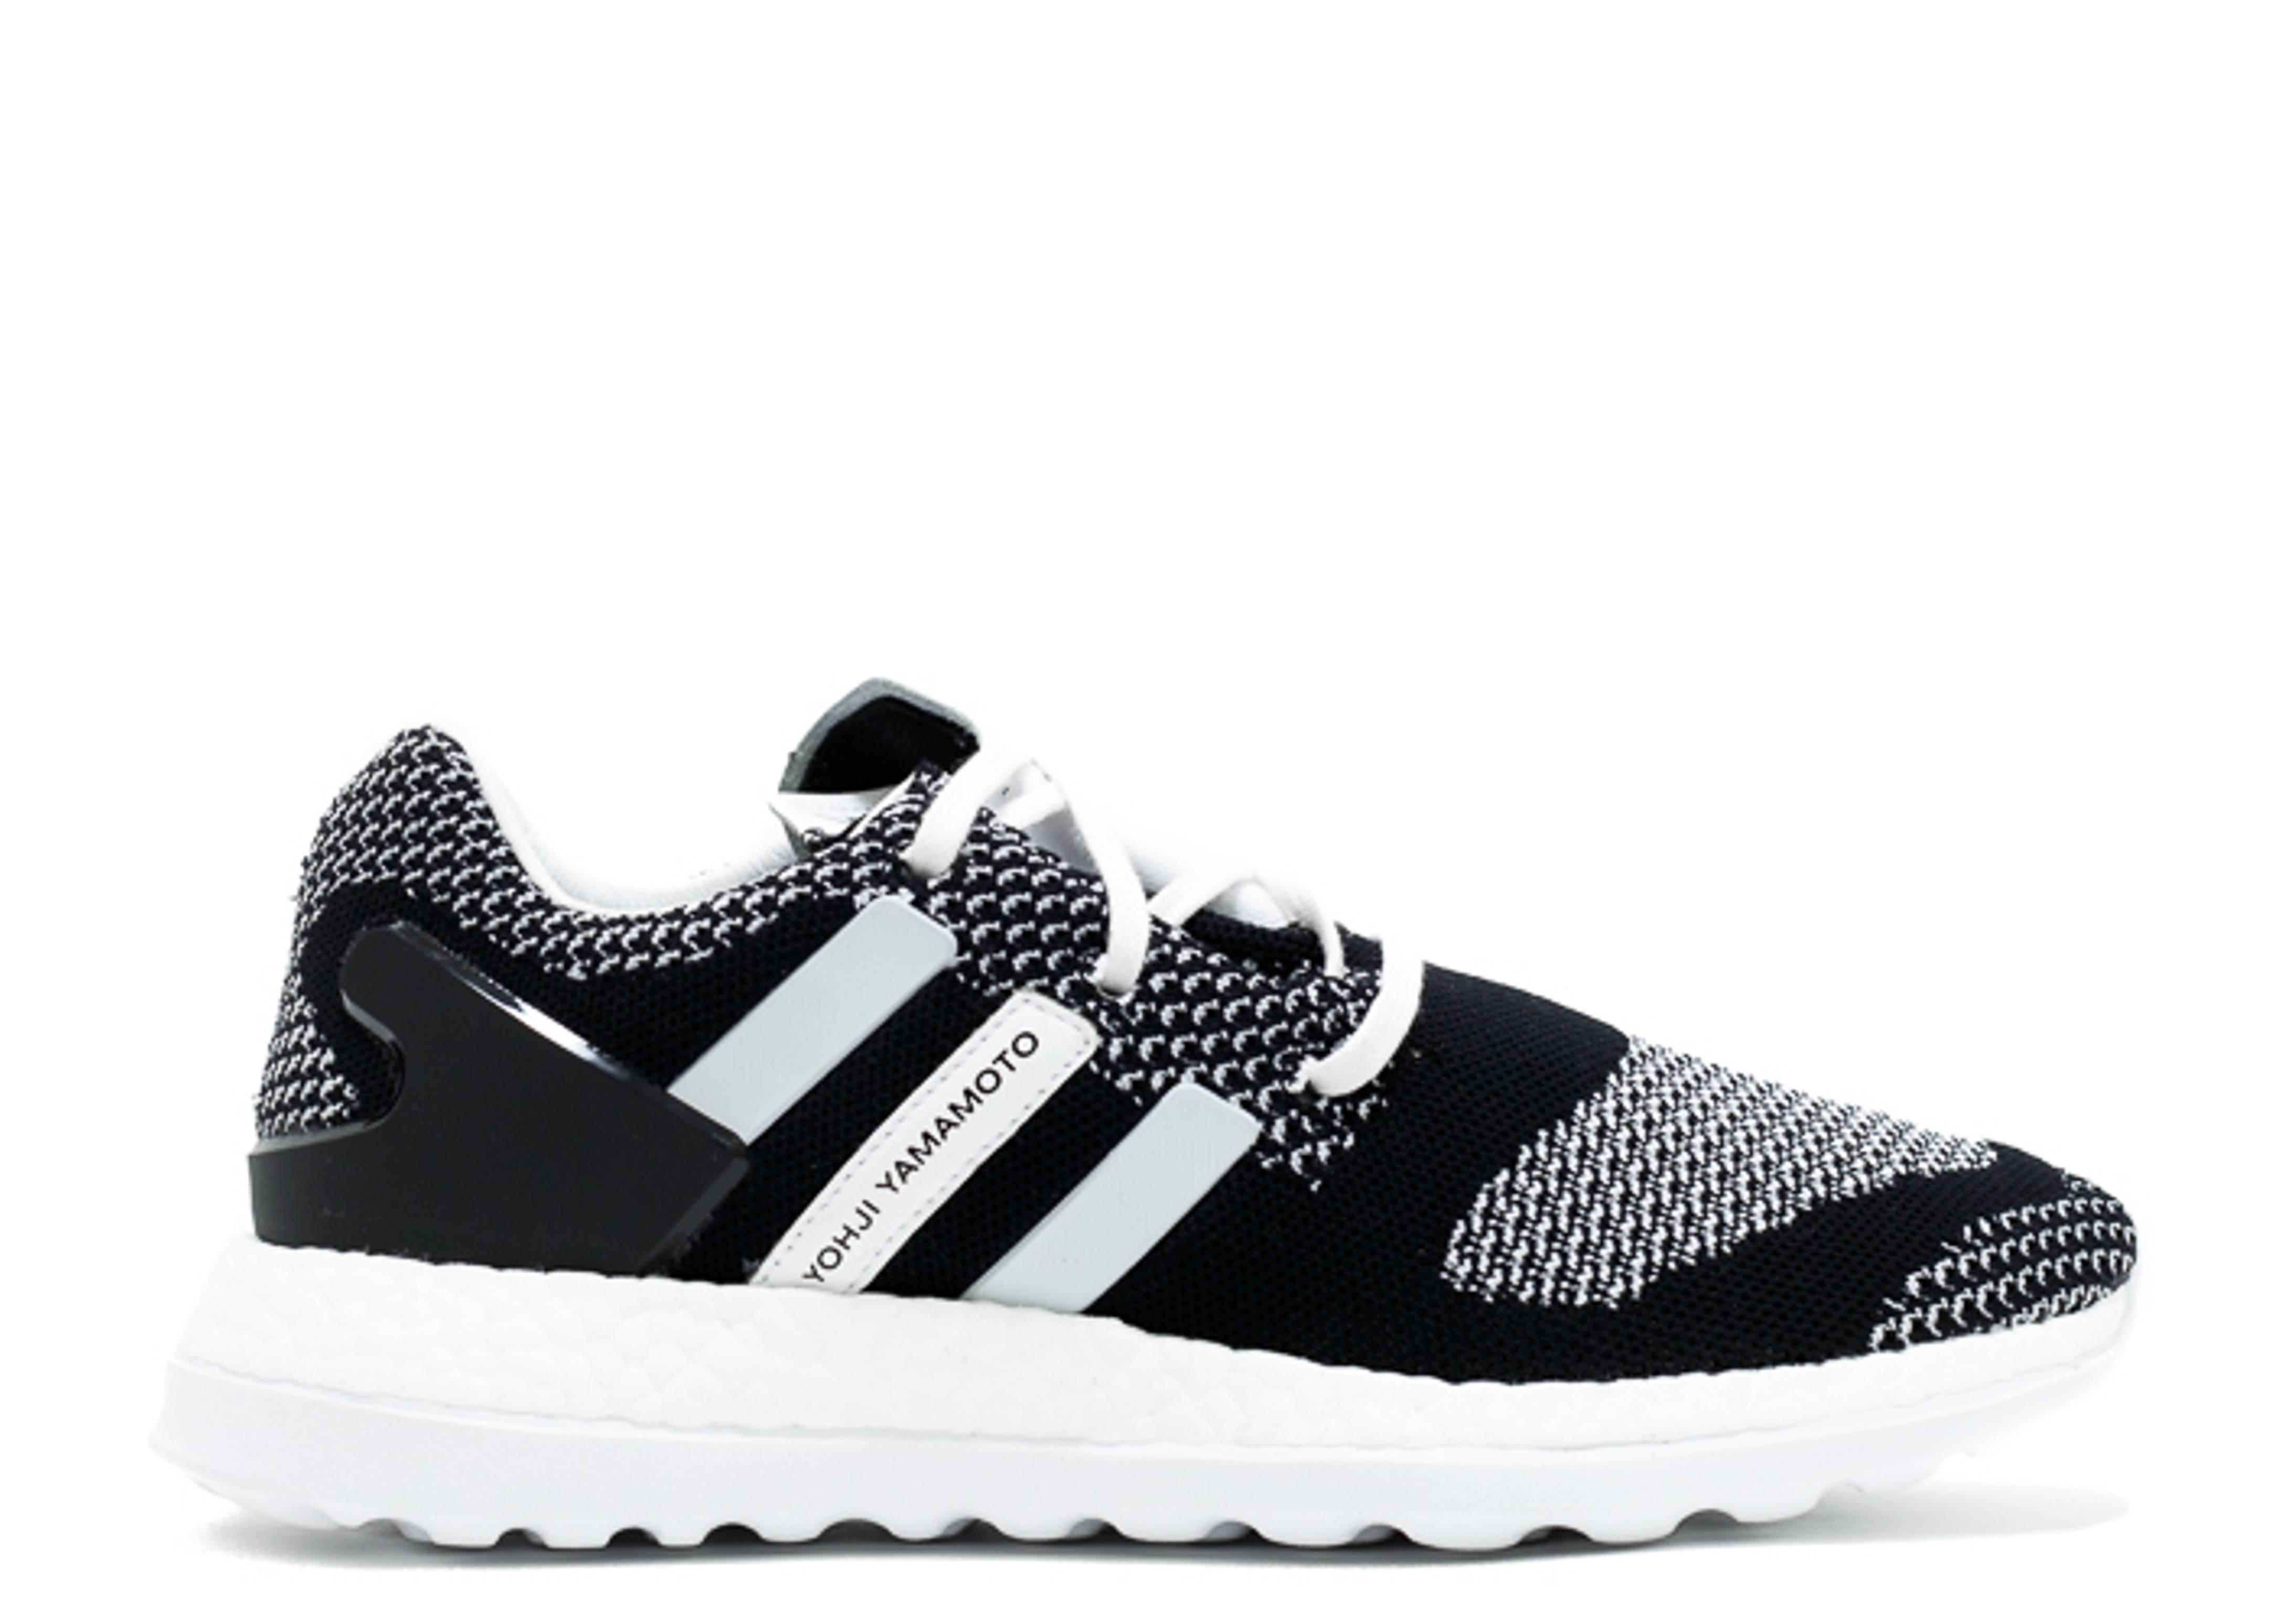 Adidas Y 3 Pure Boost Zg Knit